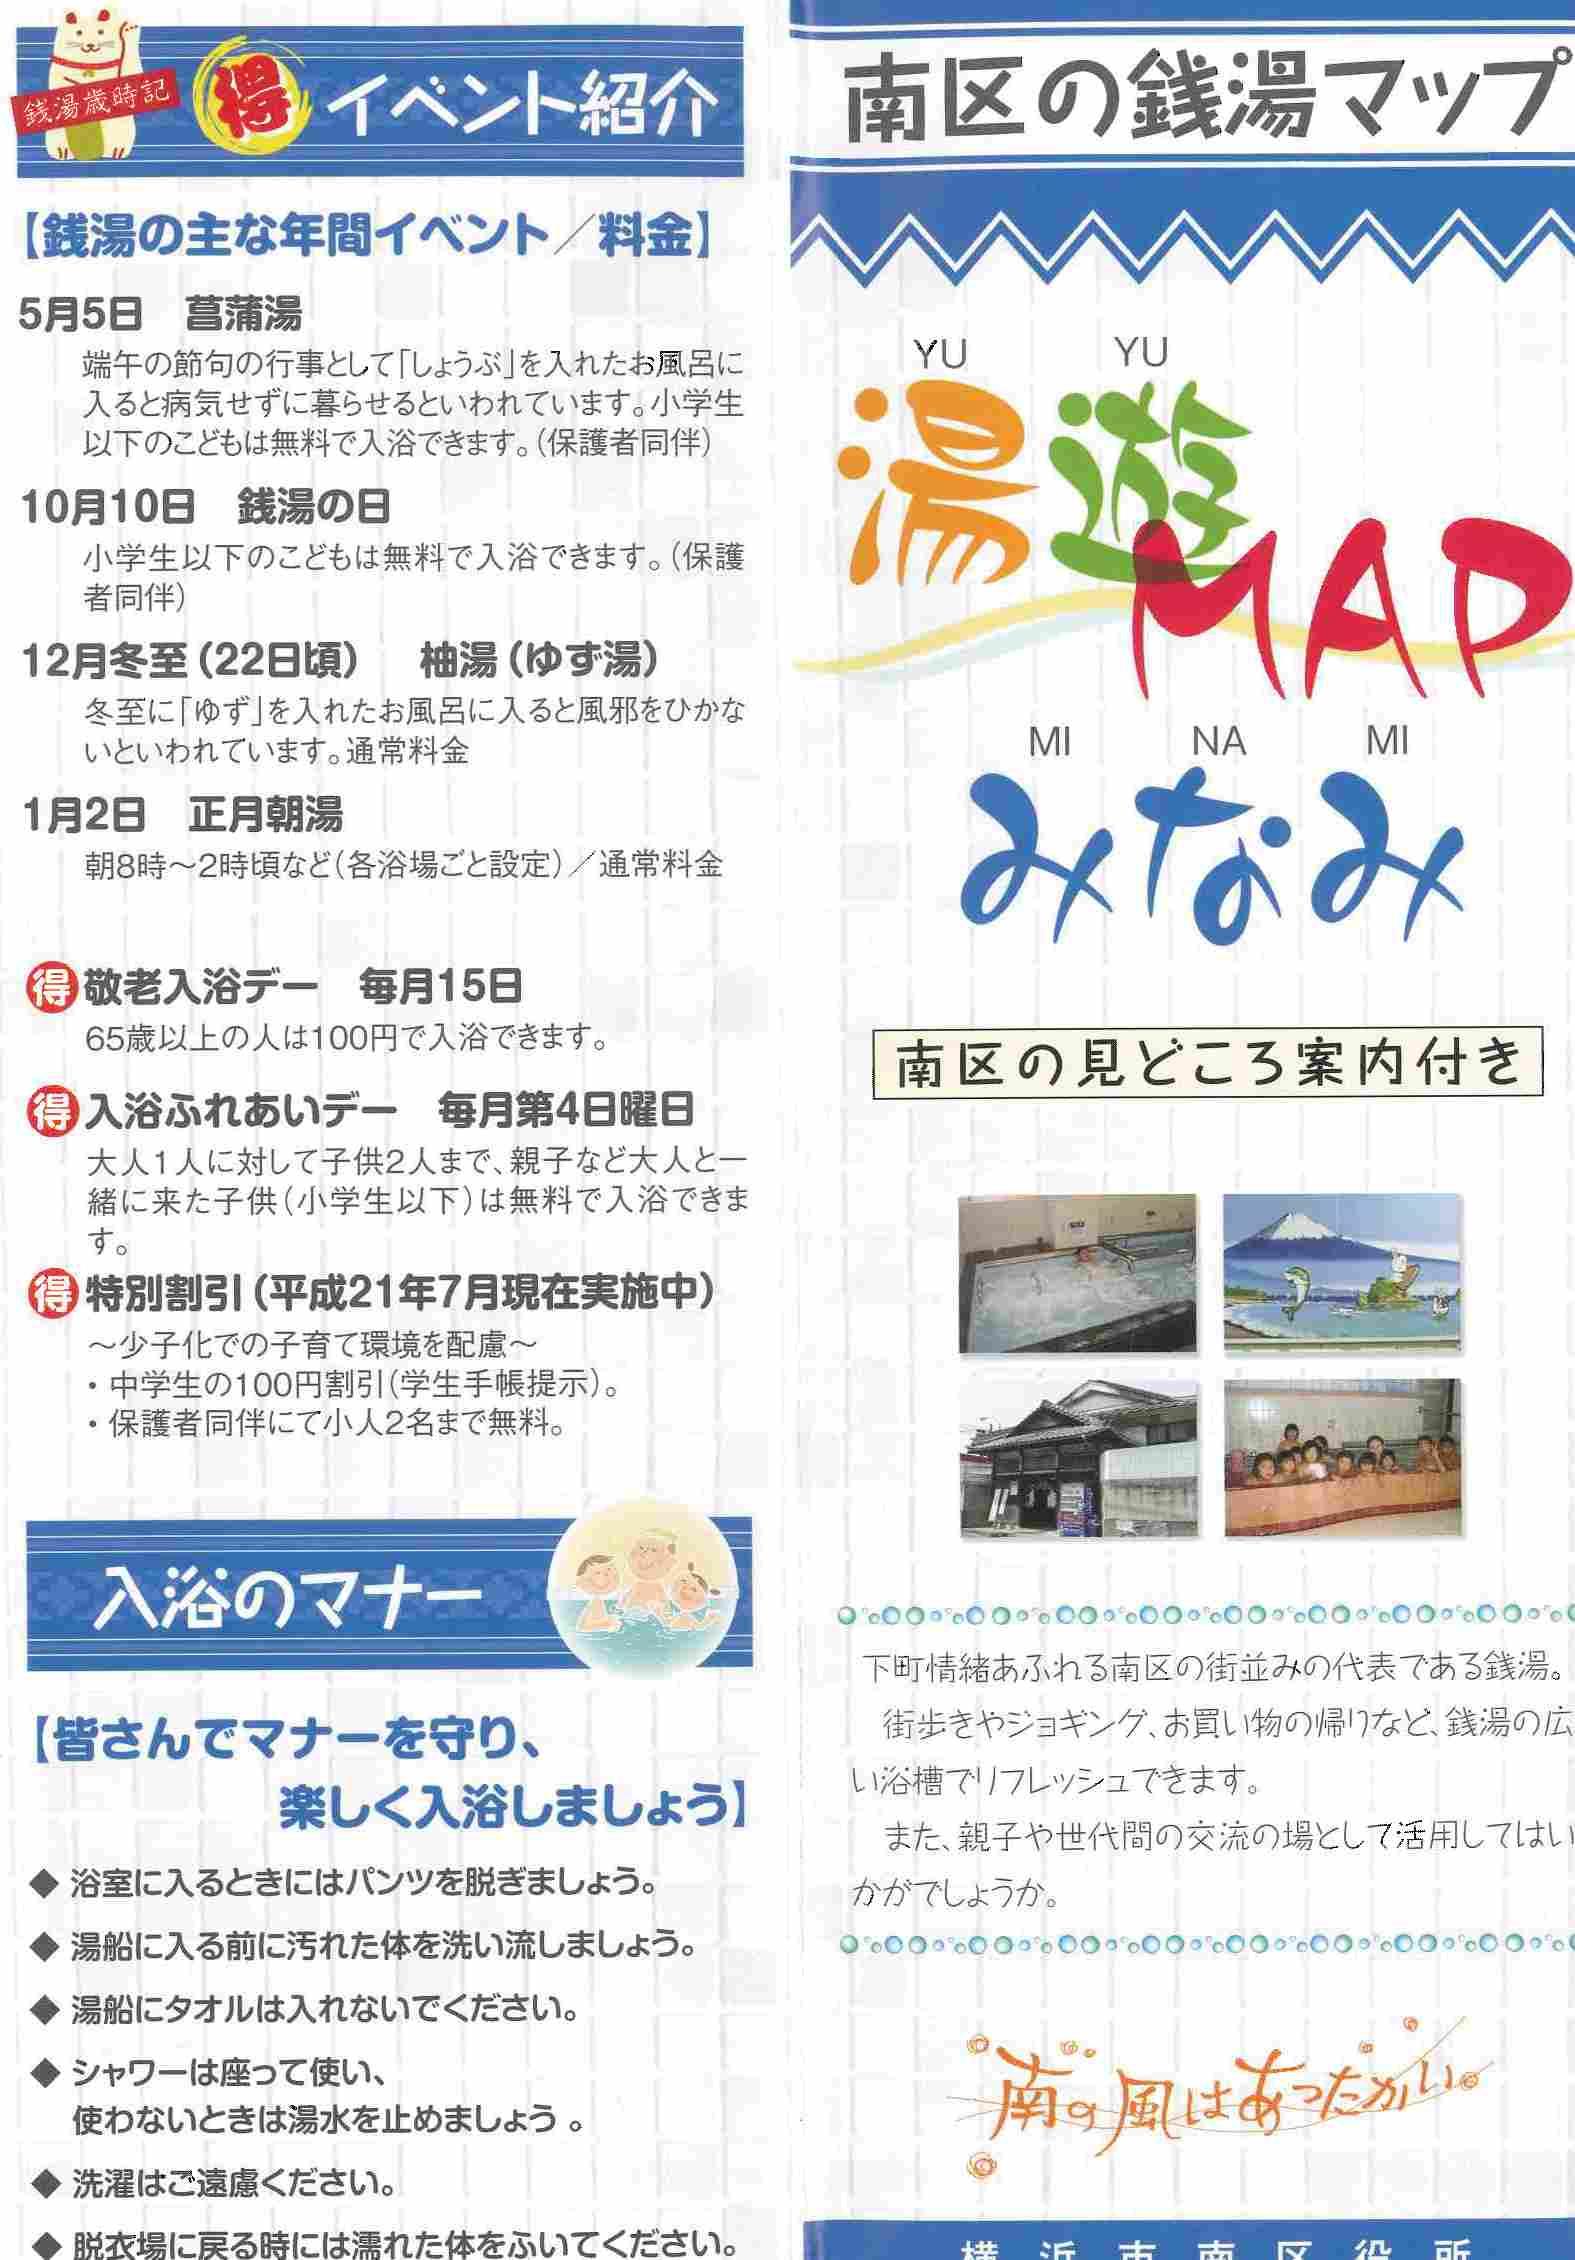 http://k-o-i.jp/entry-image/20090810172820425001.jpg